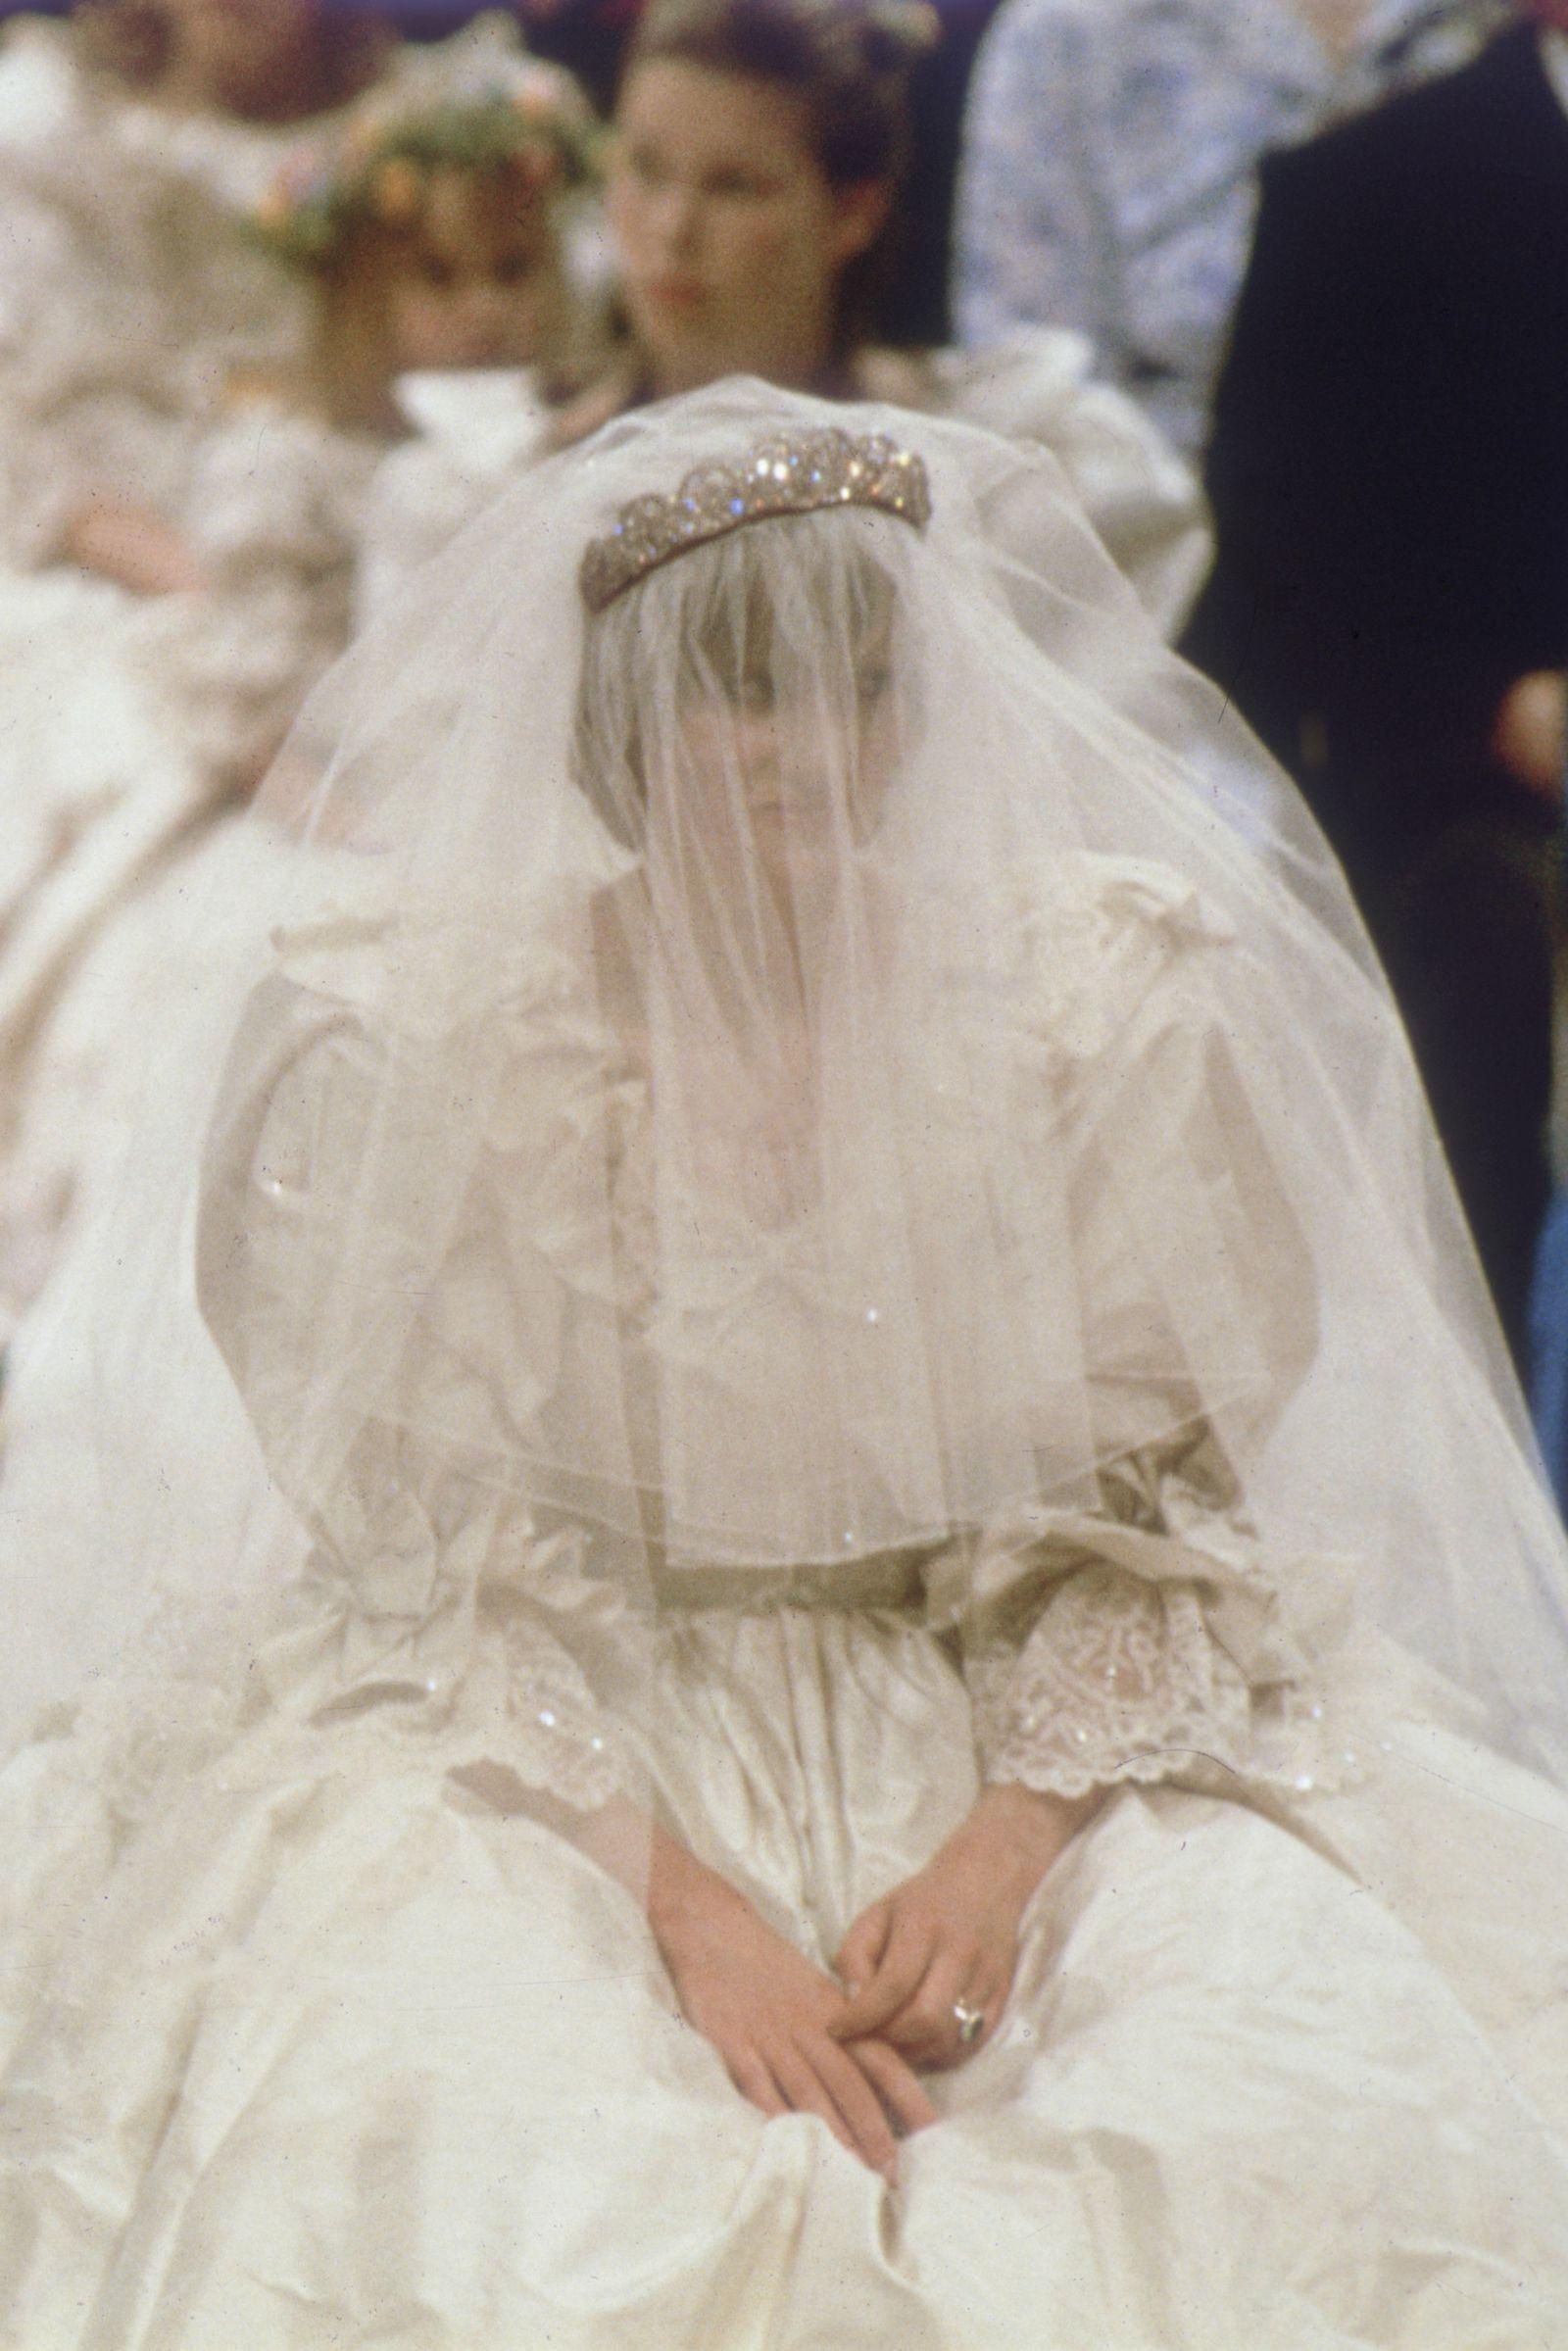 Townandcountrymag Princess Diana Family: Princess Diana Wedding Dress At Reisefeber.org